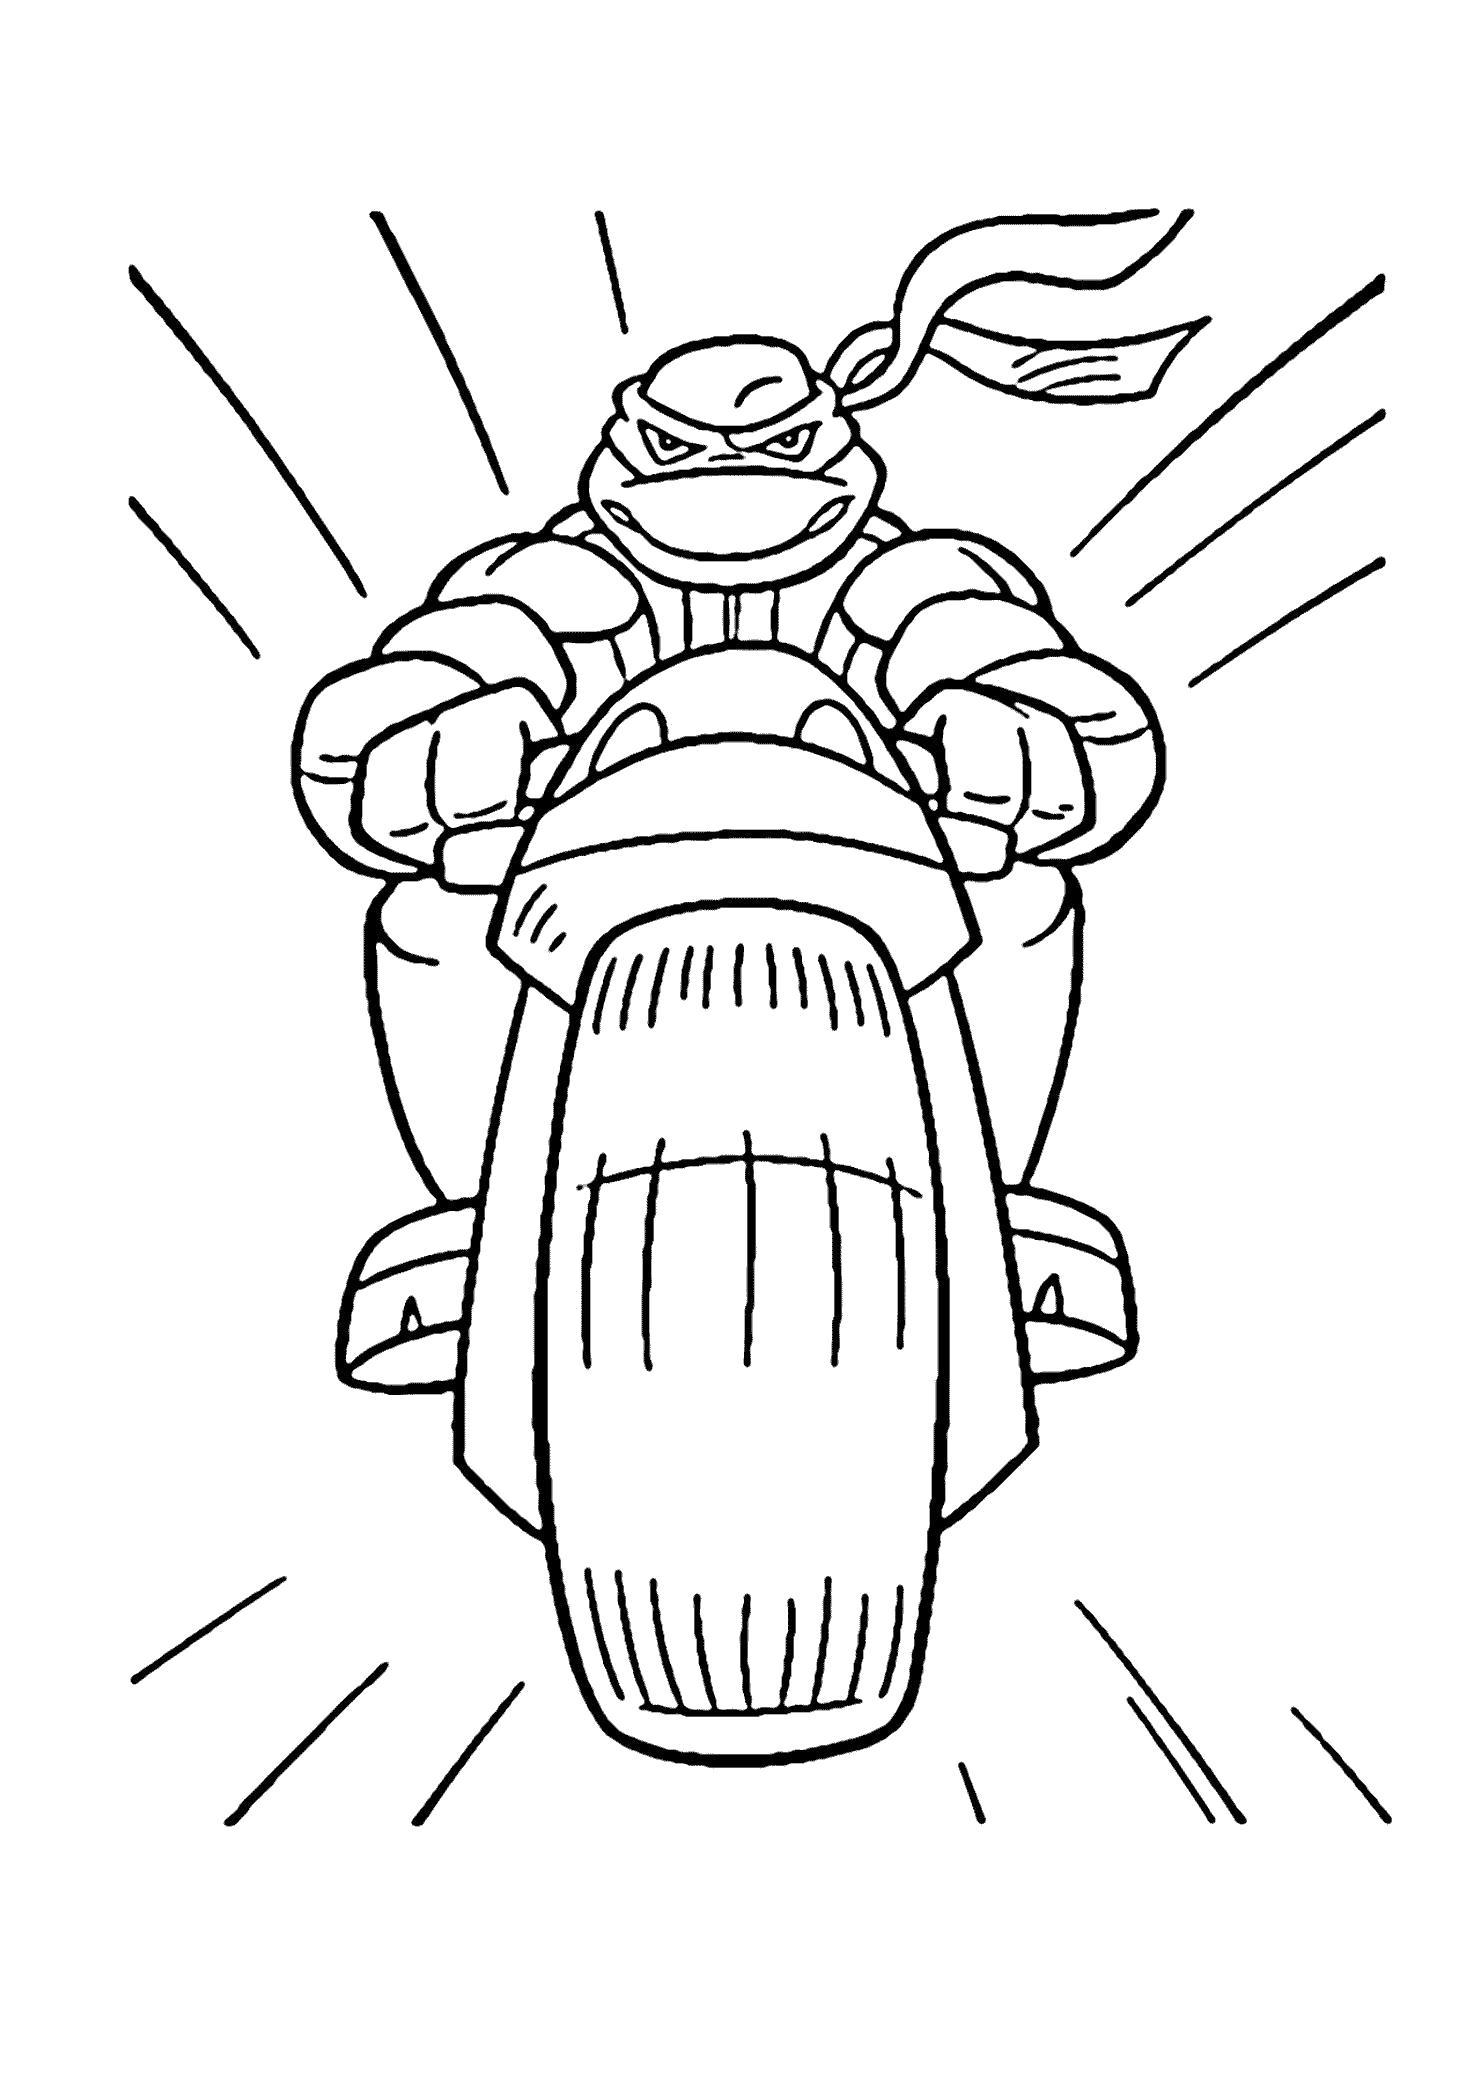 Раскраска Черепашки Ниндзя. Скачать Леонардо.  Распечатать Черепашки ниндзя